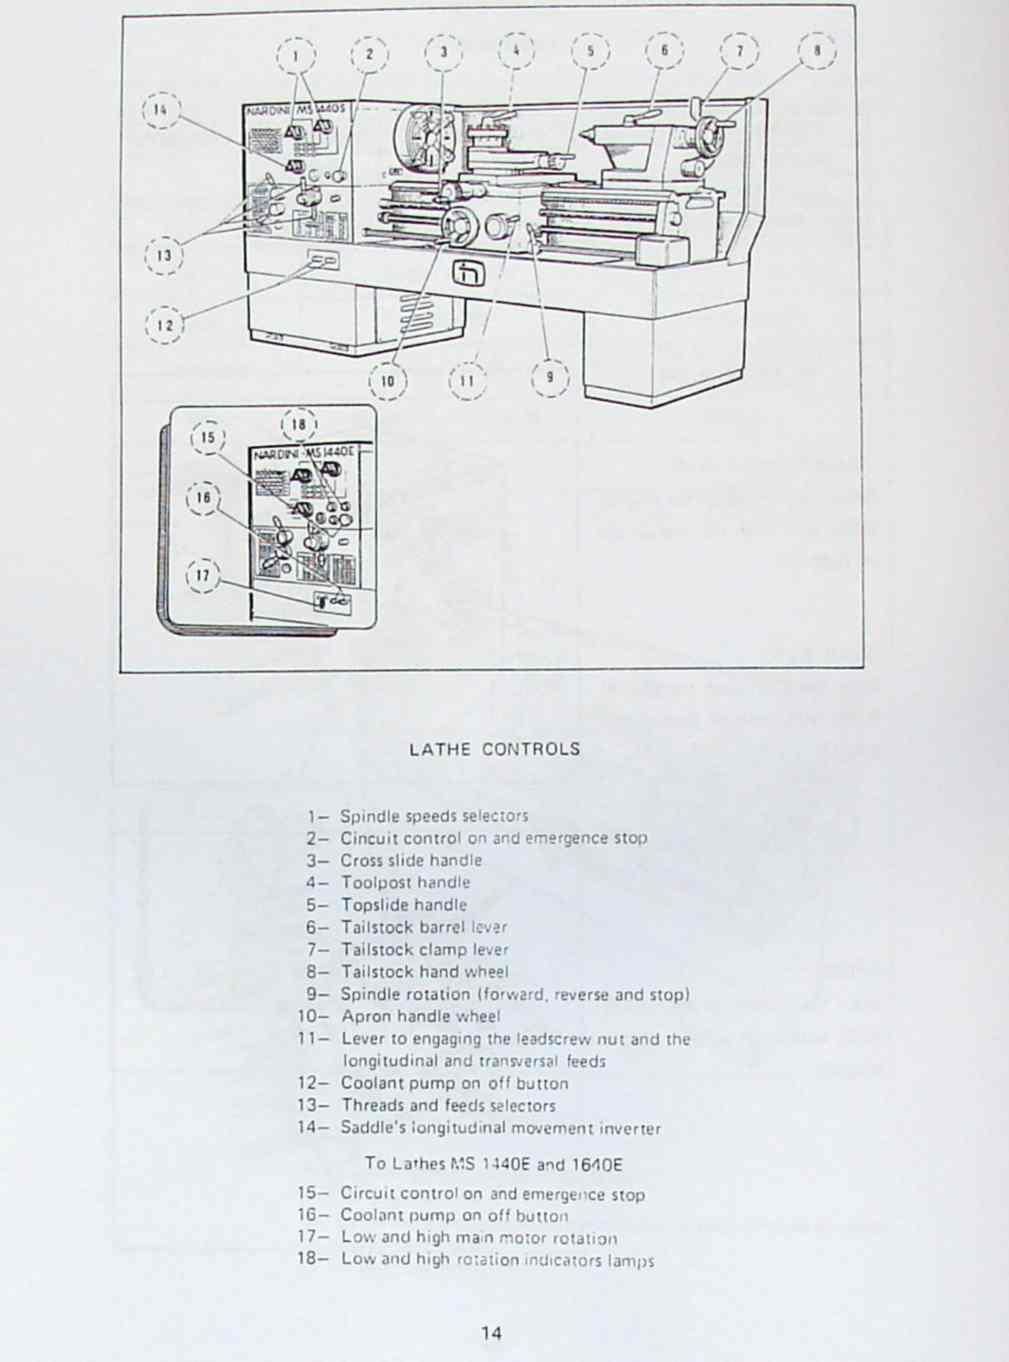 nardini ms 1440 1640 s e mascote lathe part manual ozark tool manuals books